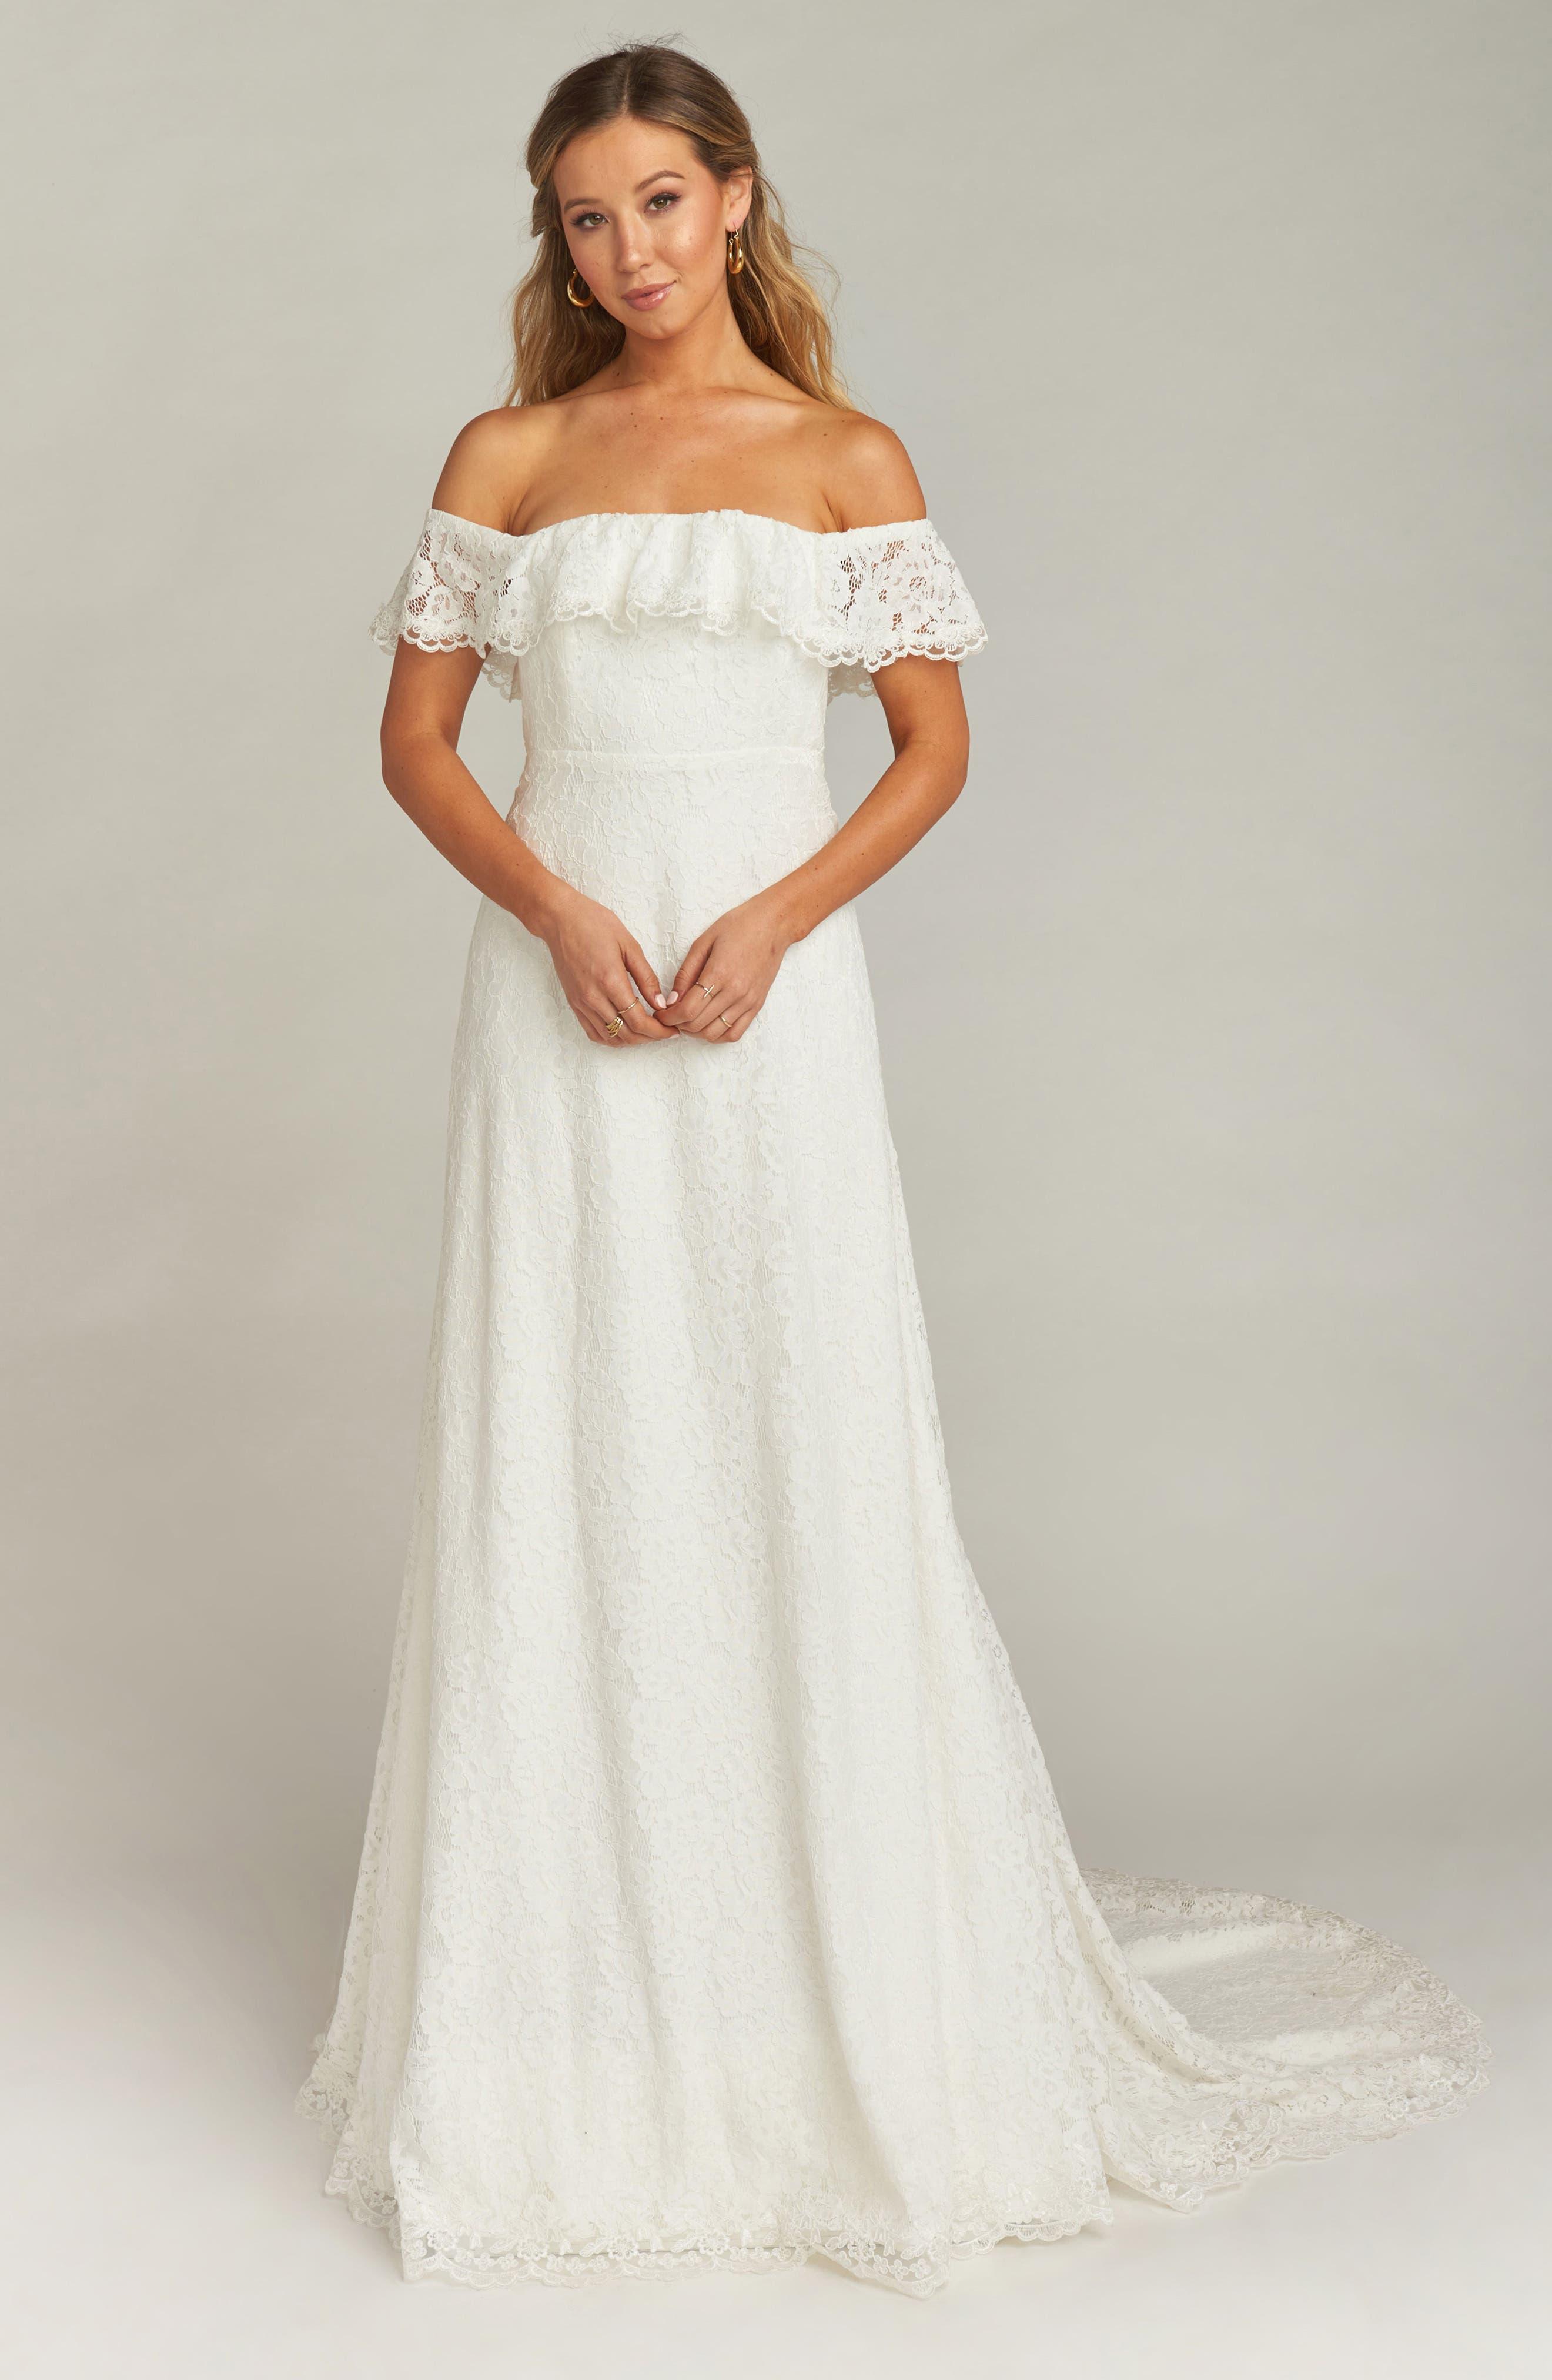 Karolina Off the Shoulder Lace Wedding Dress, Main, color, WHITE